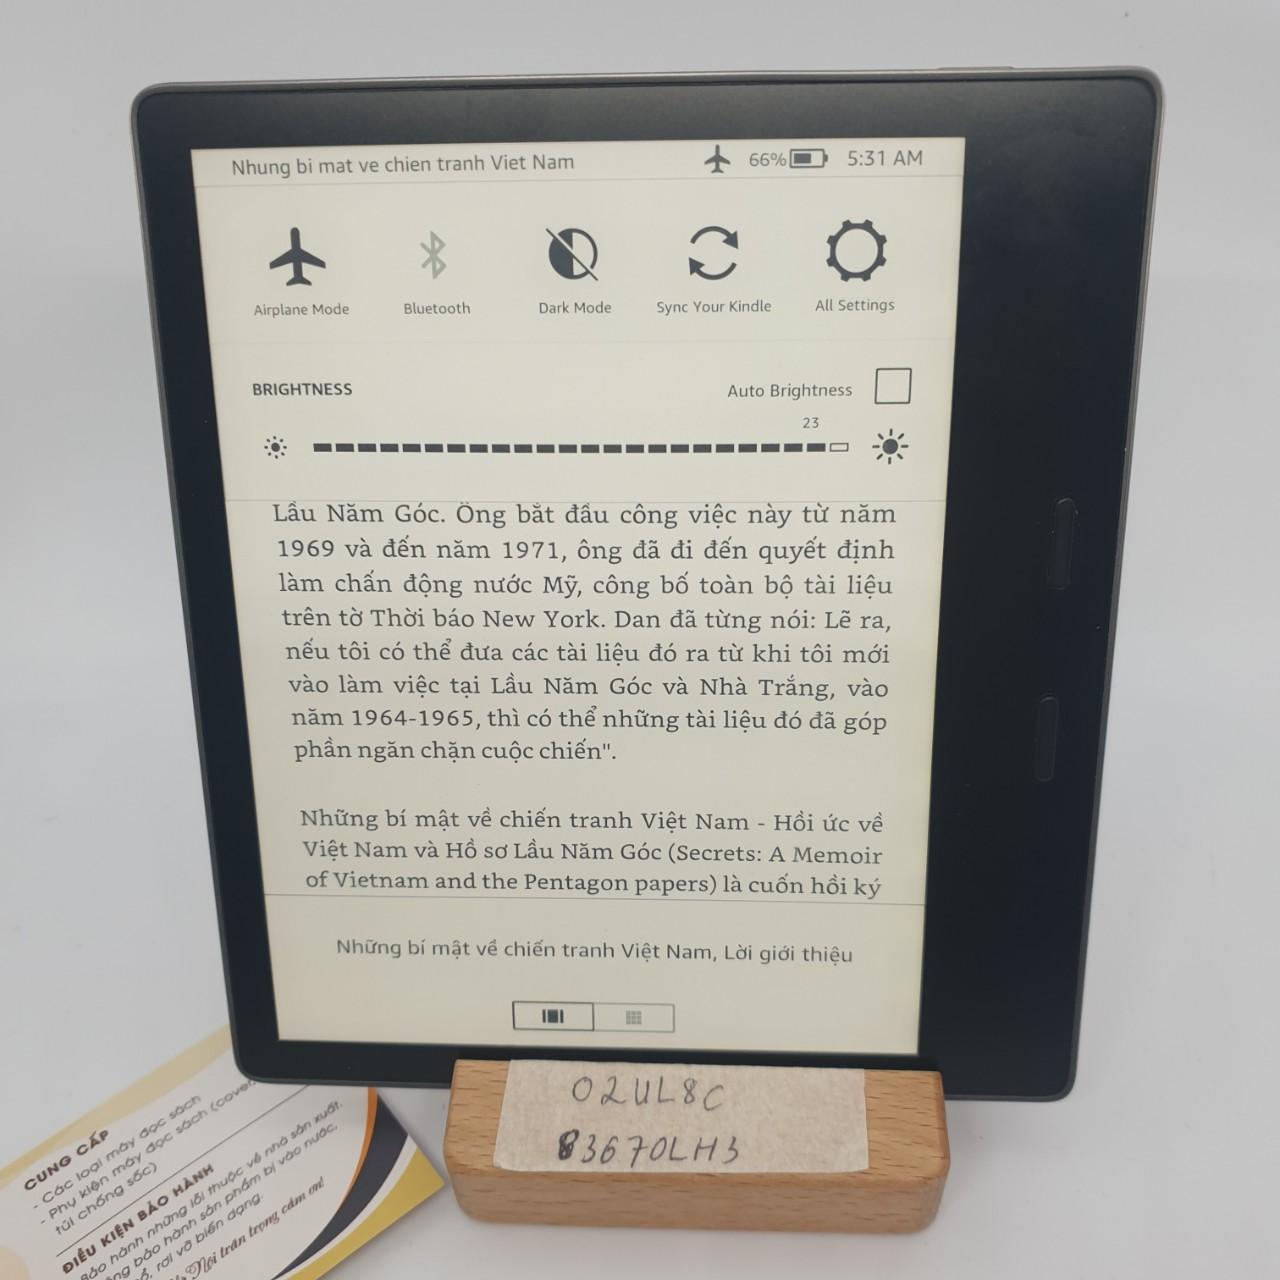 Máy đọc sách Kindle Oasis 2 (9th) O2 bản 8GB mã 0LH3 – Used Very Good